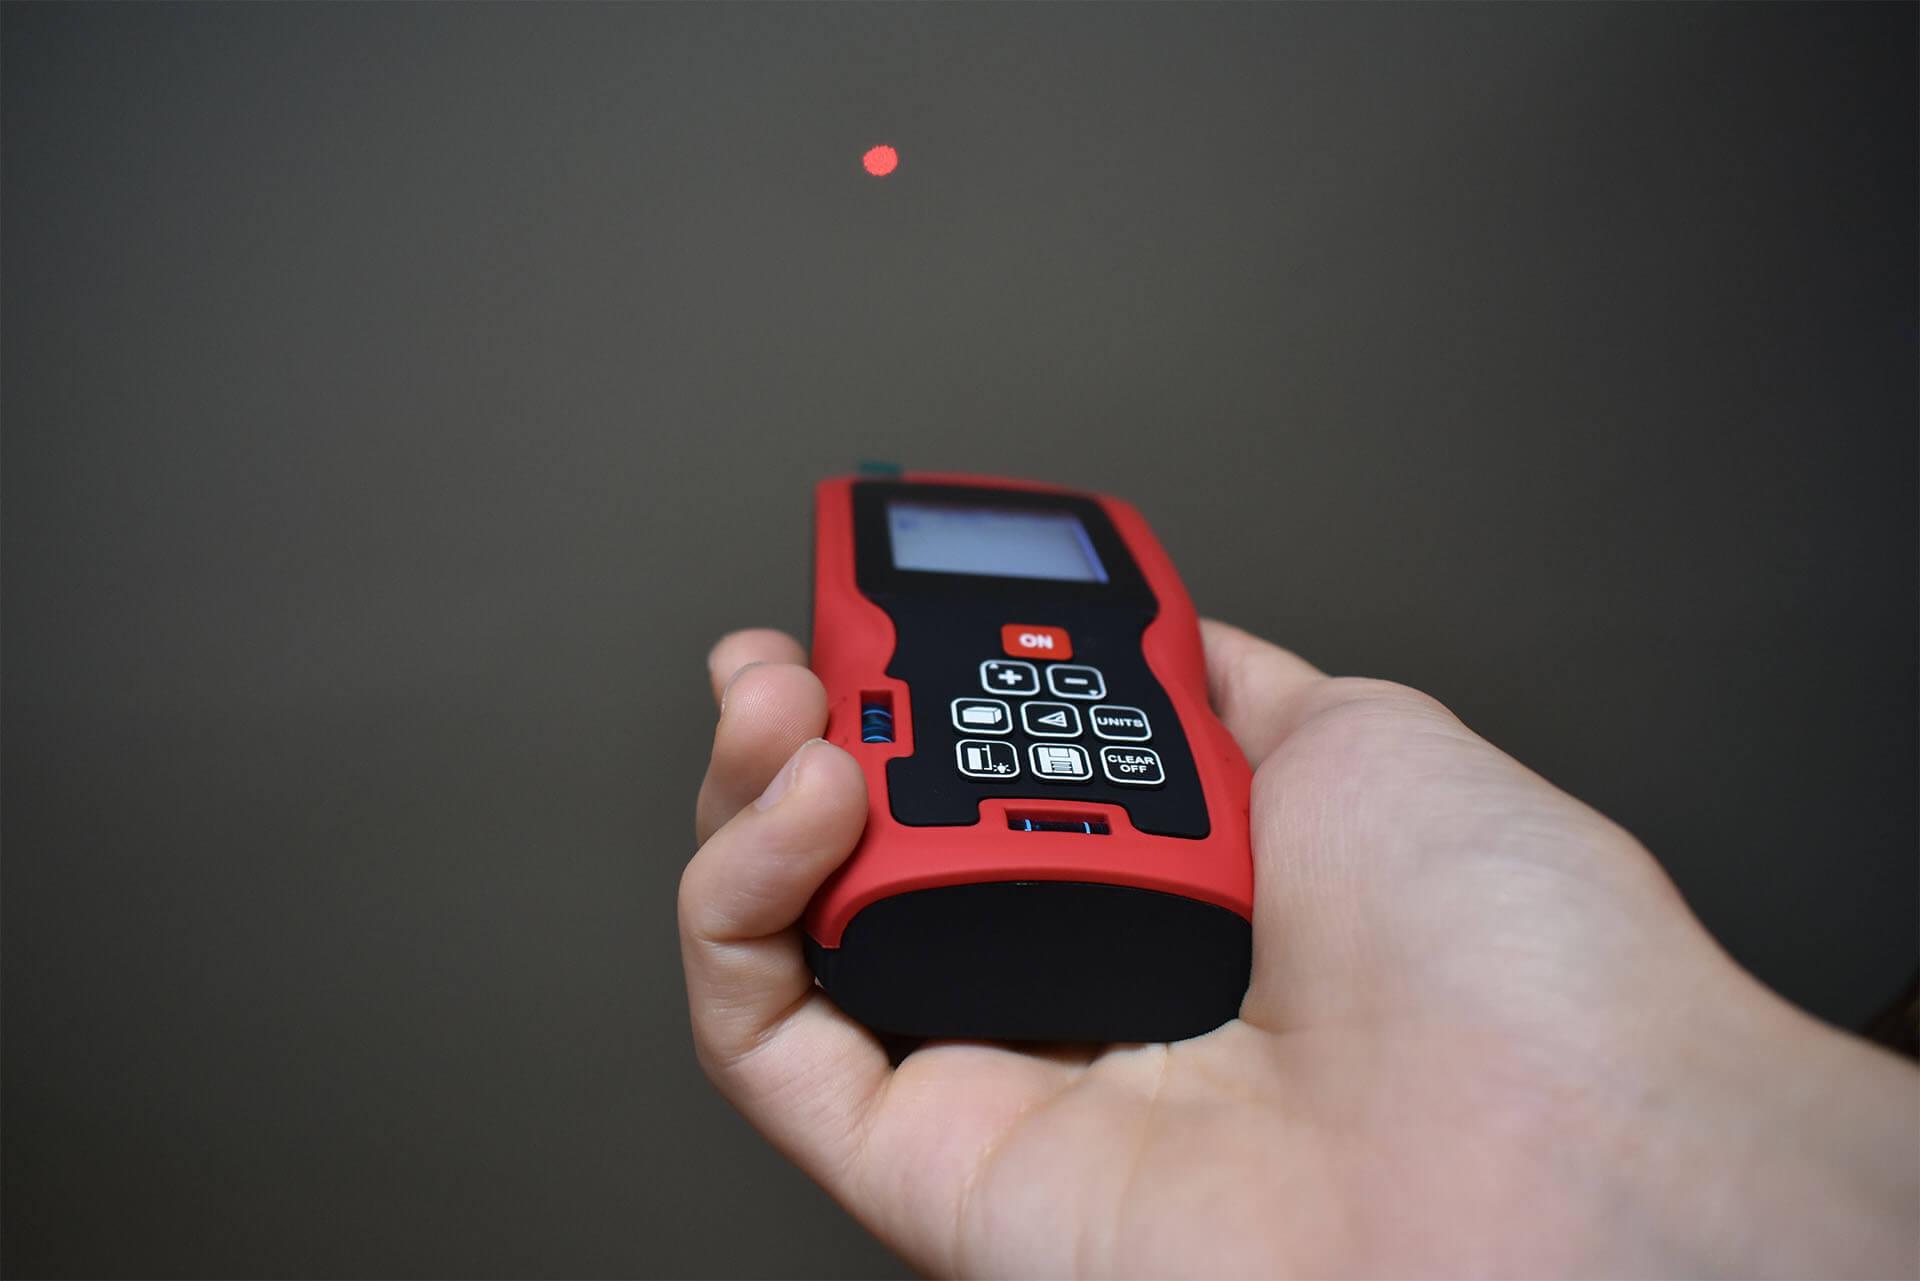 dalmierz laserowy Fanger LaserPro 100